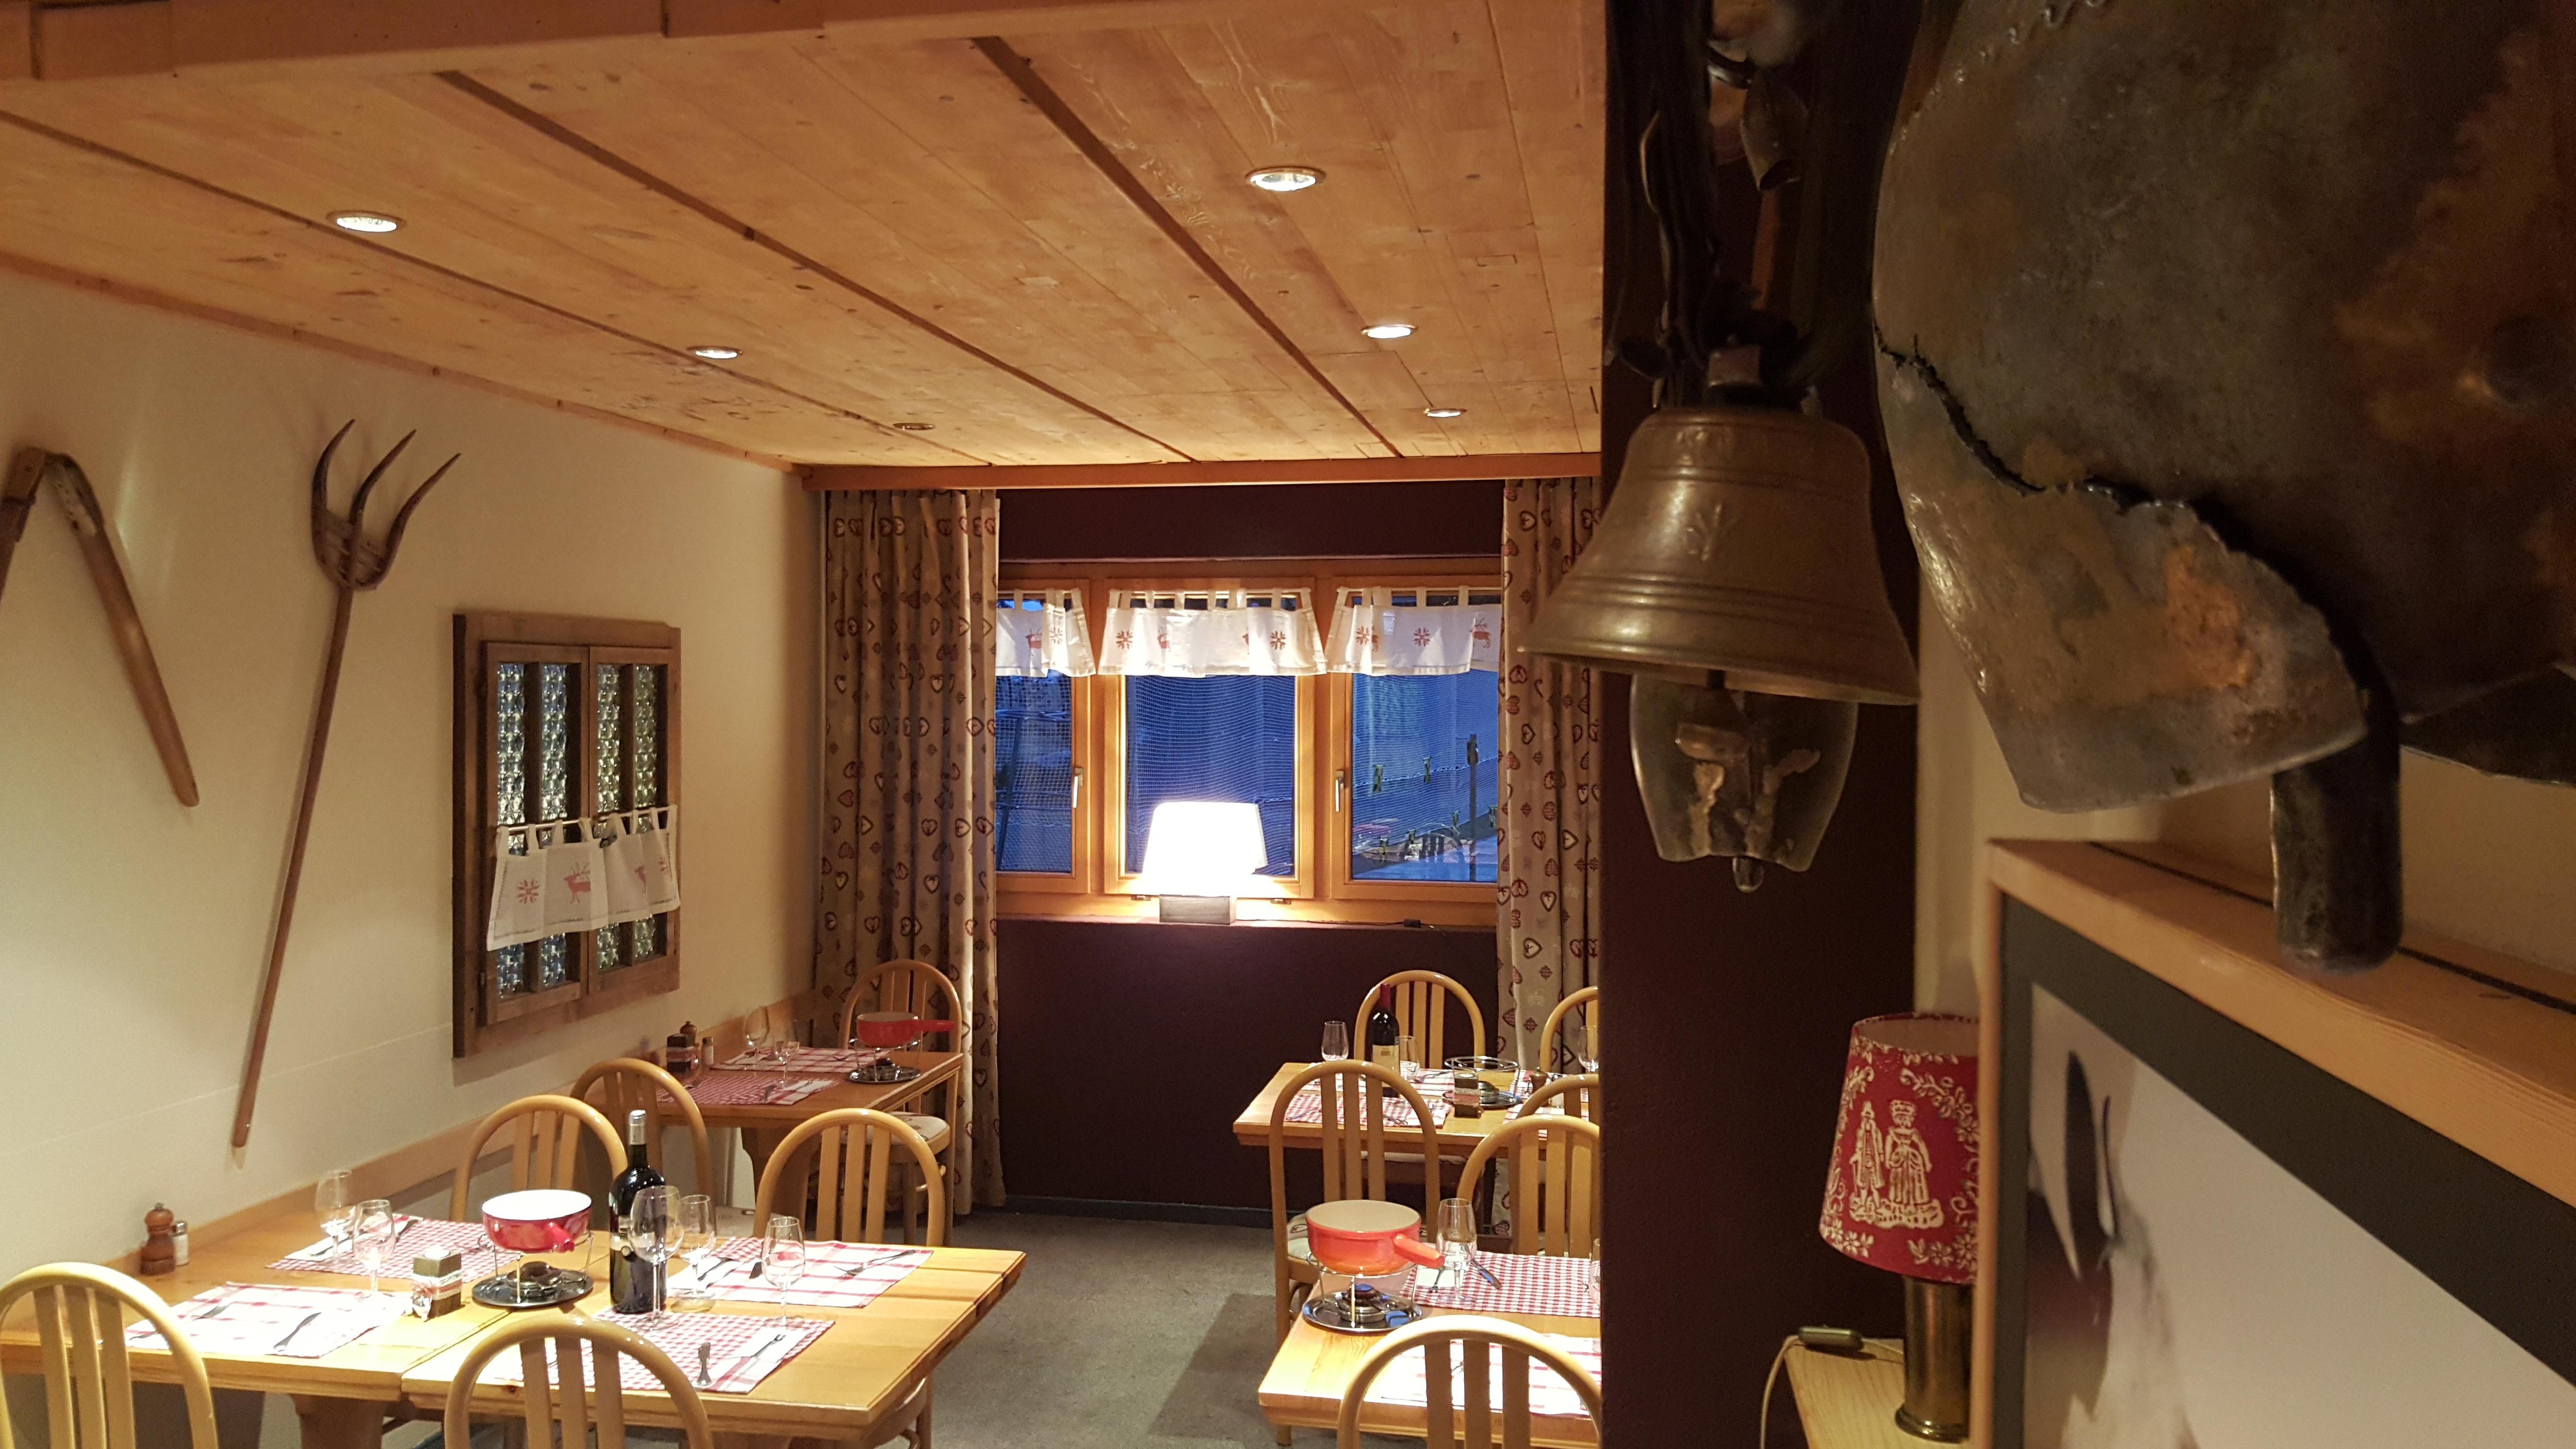 Alp31 im Chesa Surlej Hotel Slide 3